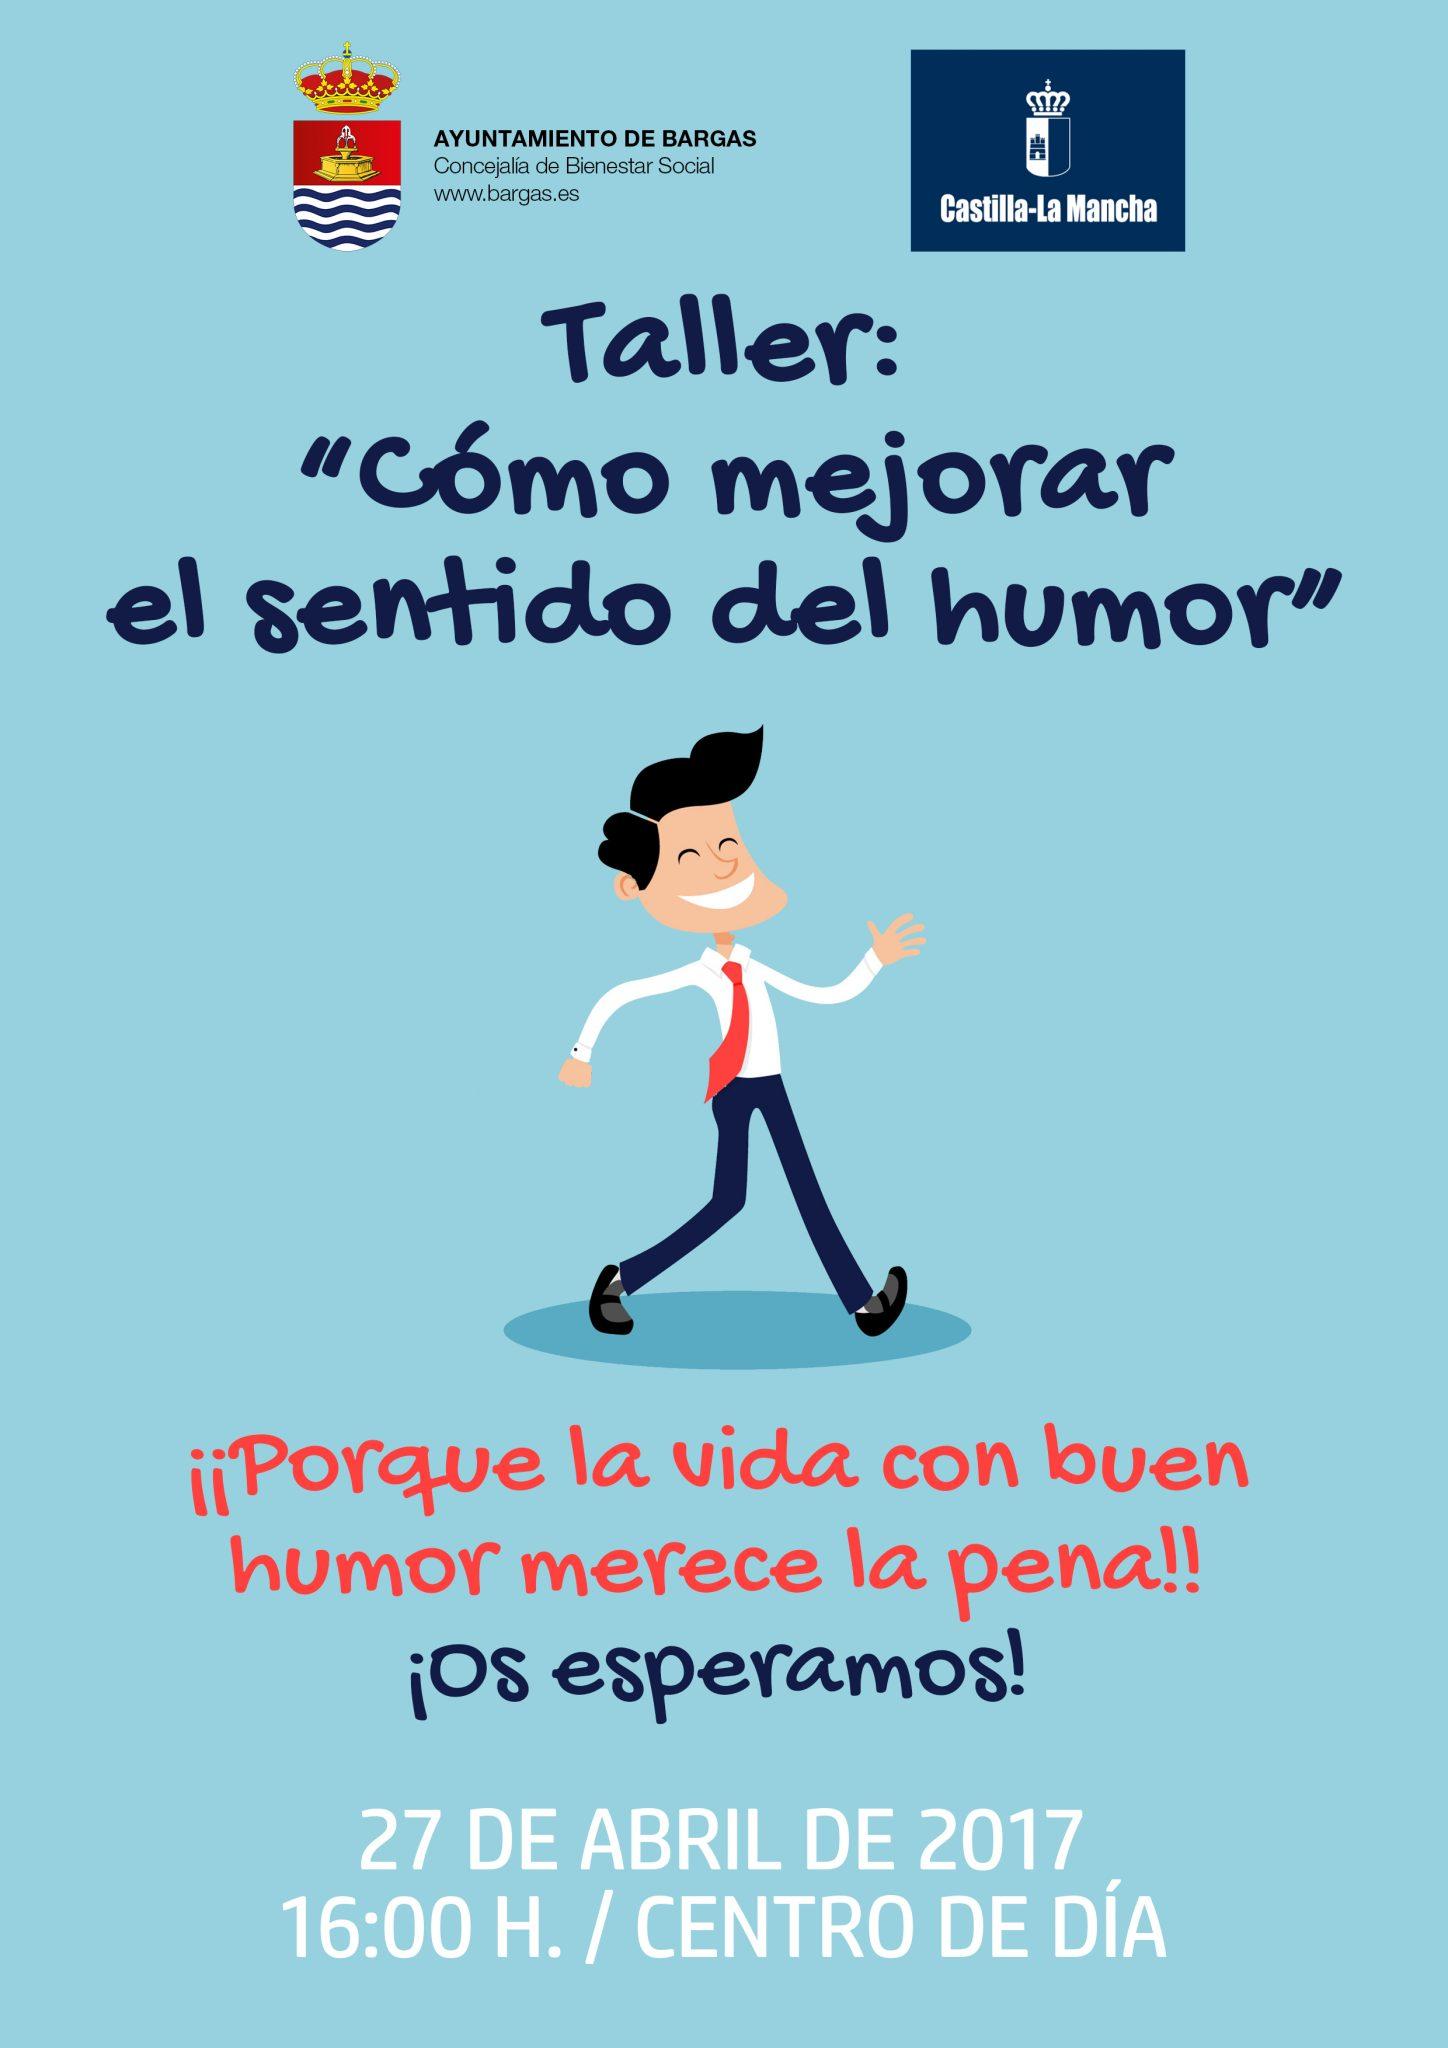 Taller: Cómo mejorar el sentido del humor